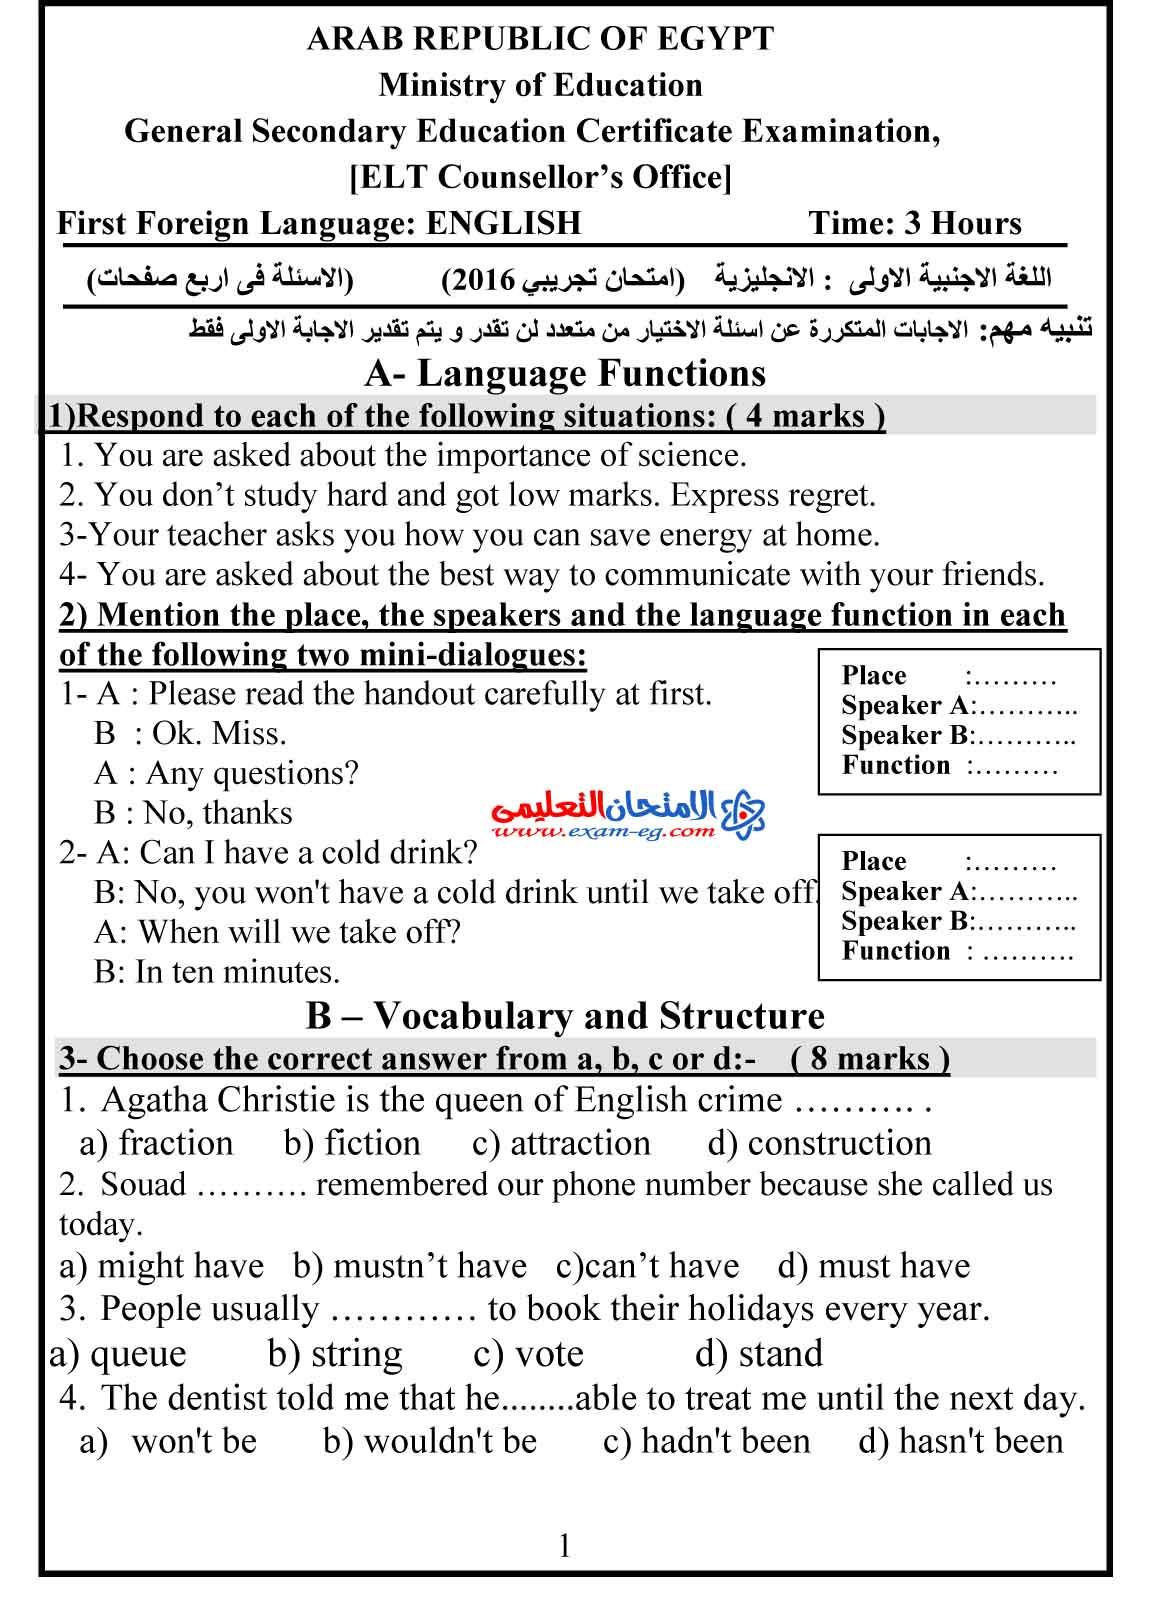 امتحان لغة انجليزية 2 - الامتحان التعليمى-1